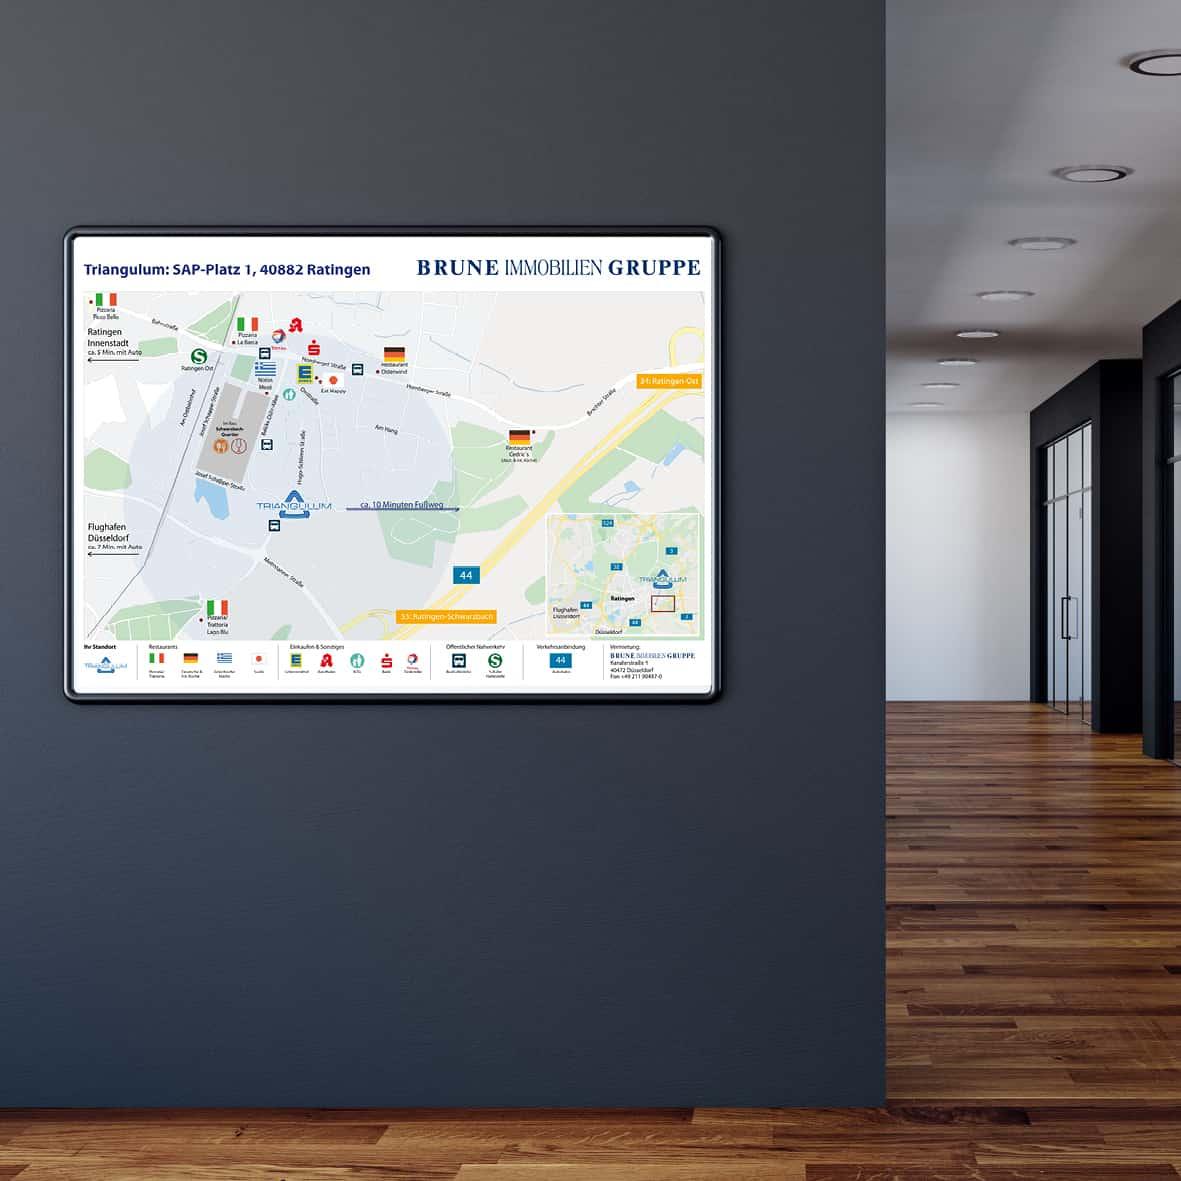 Umgebungsplan / Umgebungskarte für das Immobilien Unternehmen Brune